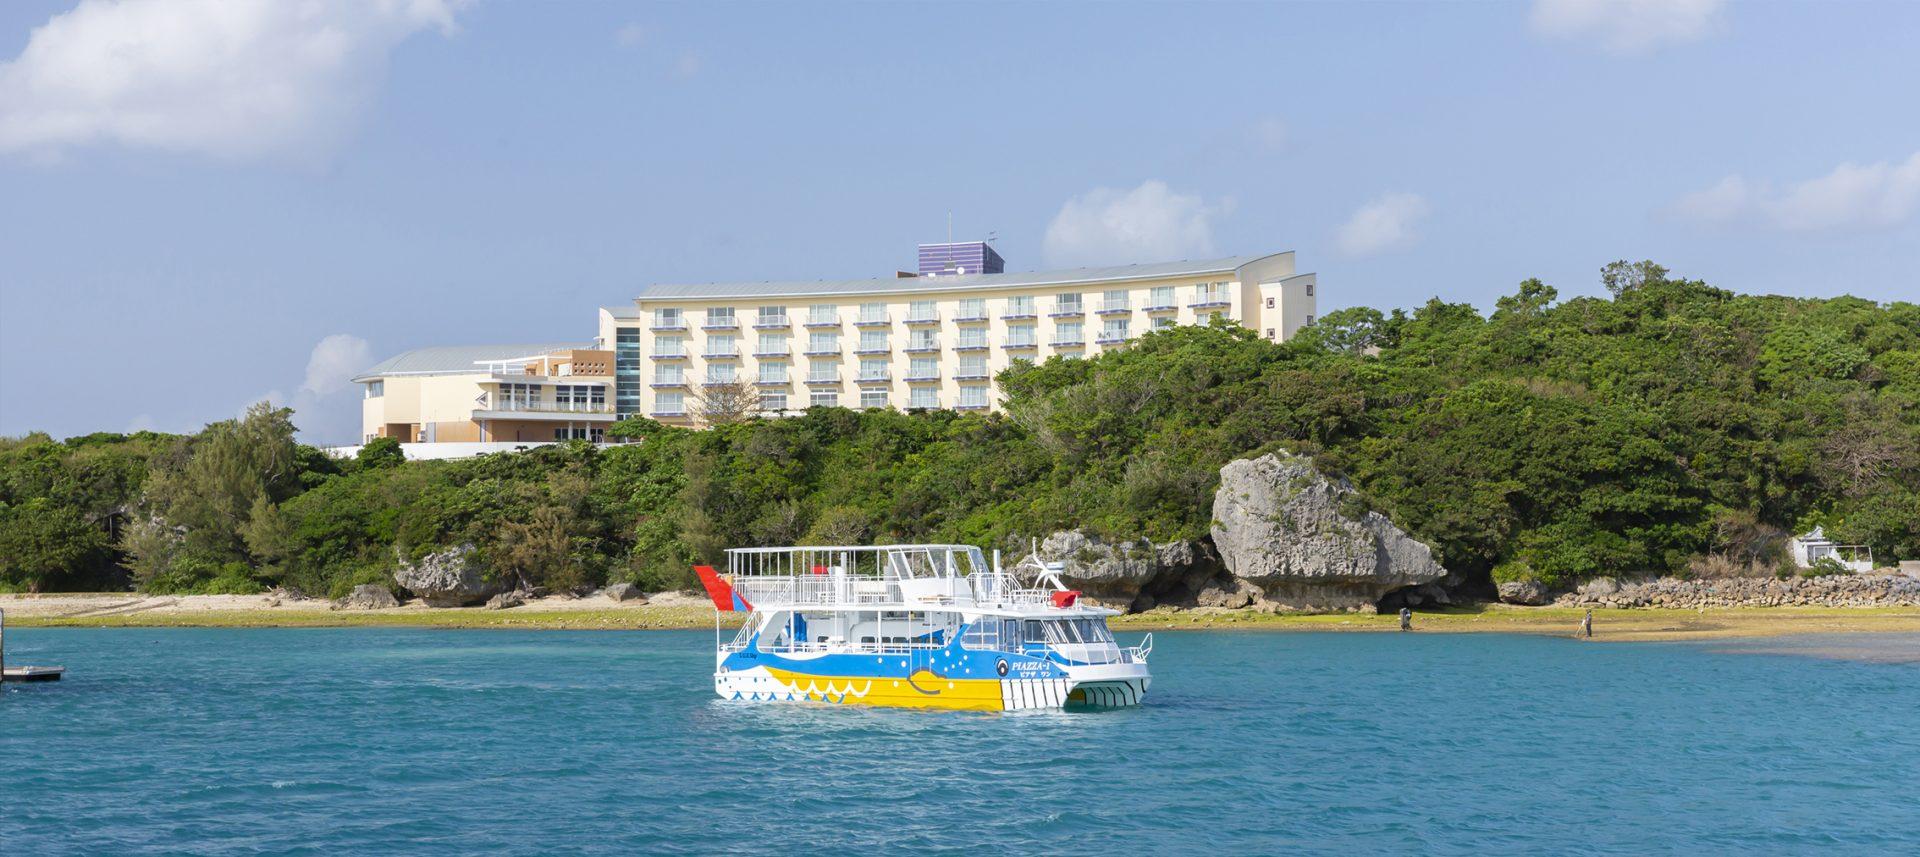 本部町 沖縄 美ら海水族館 近く ホテル おすすめ 旅行 観光  マリンピアザオキナワ